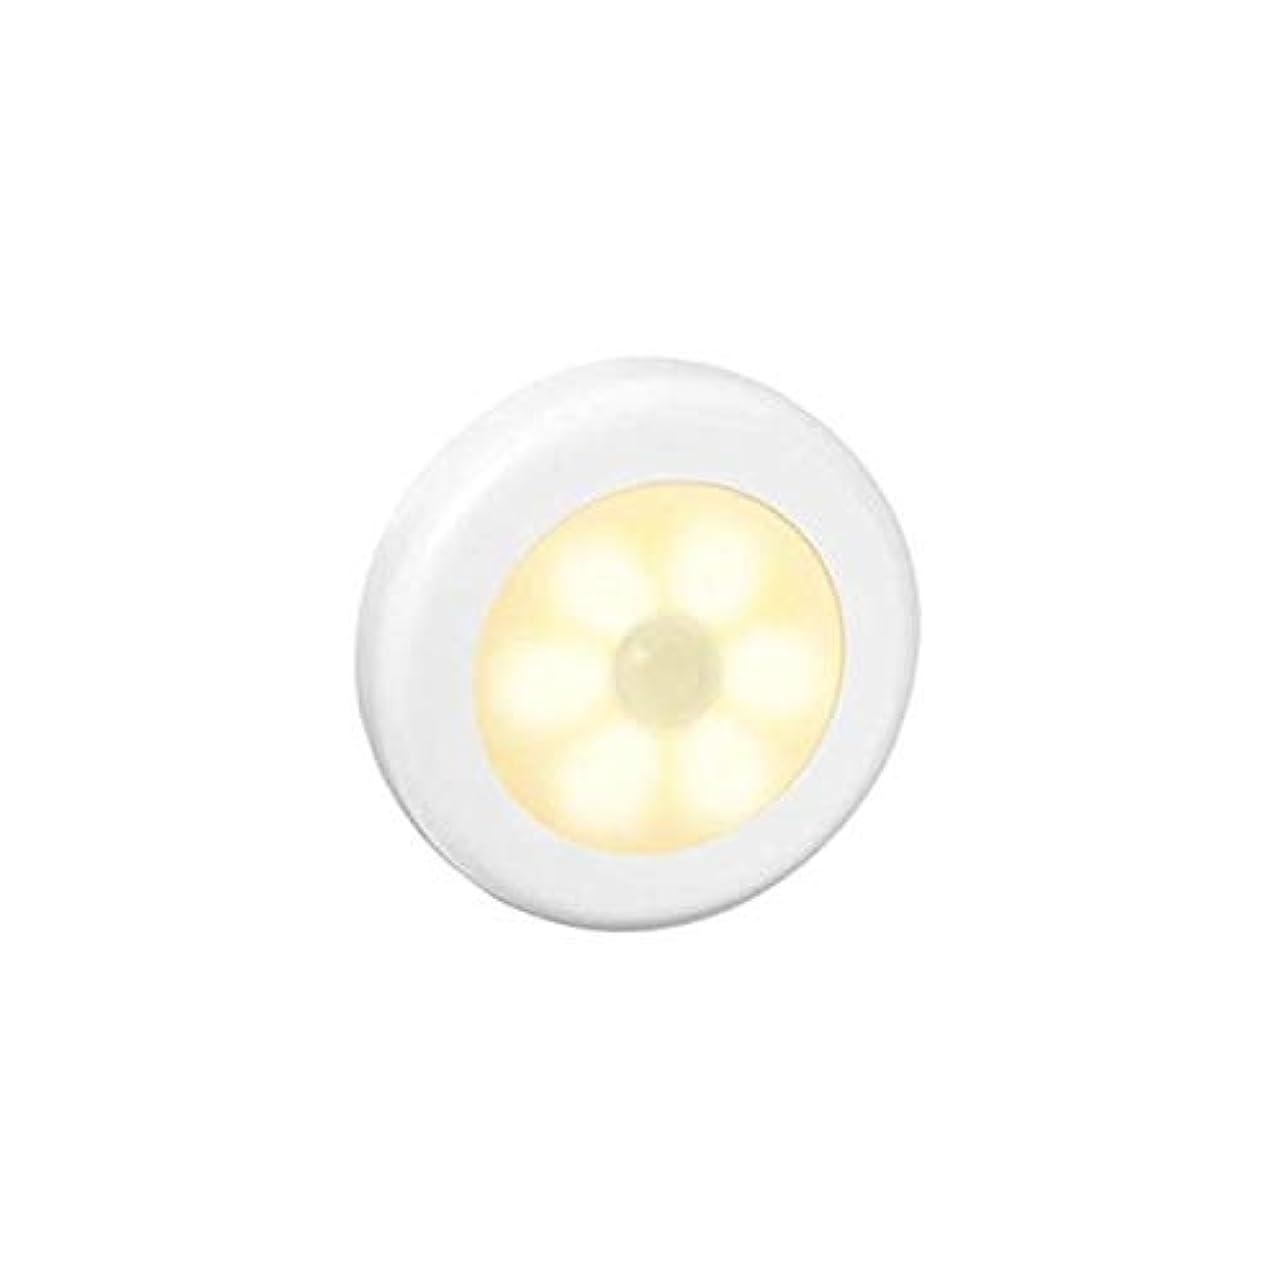 追加飲み込む荒らすLED ライト センサーライト 人感センサー ライト 明暗センサー ライト 玄関 照明 電池 自動点滅 マグネット 省エネ 電球色 昼白色 LED ライト